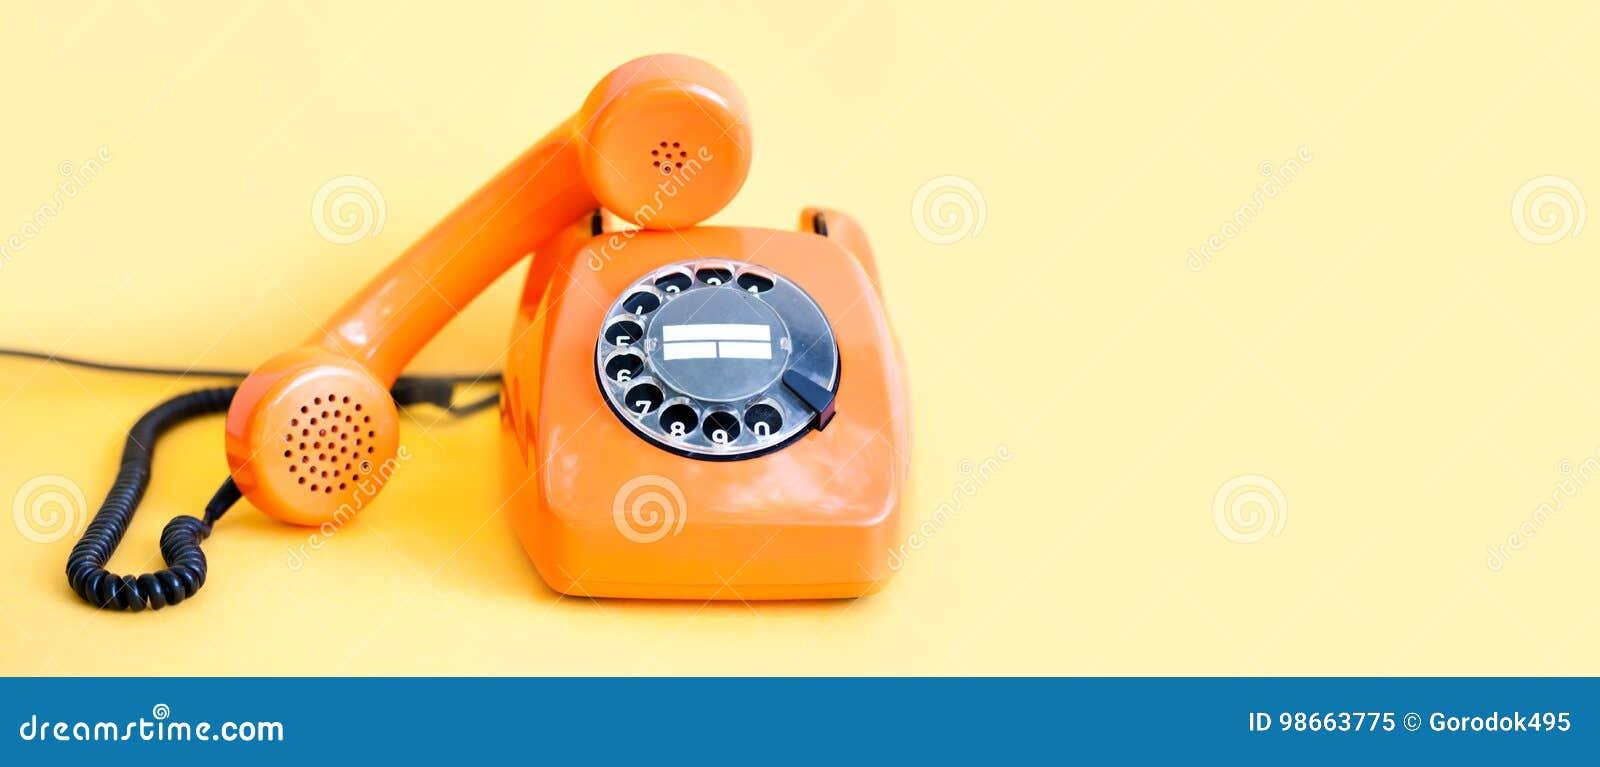 Mottagare för telefonlur för tappningtelefon upptagen på gul bakgrund För telefonkommunikation för Retro stil orange begrepp för